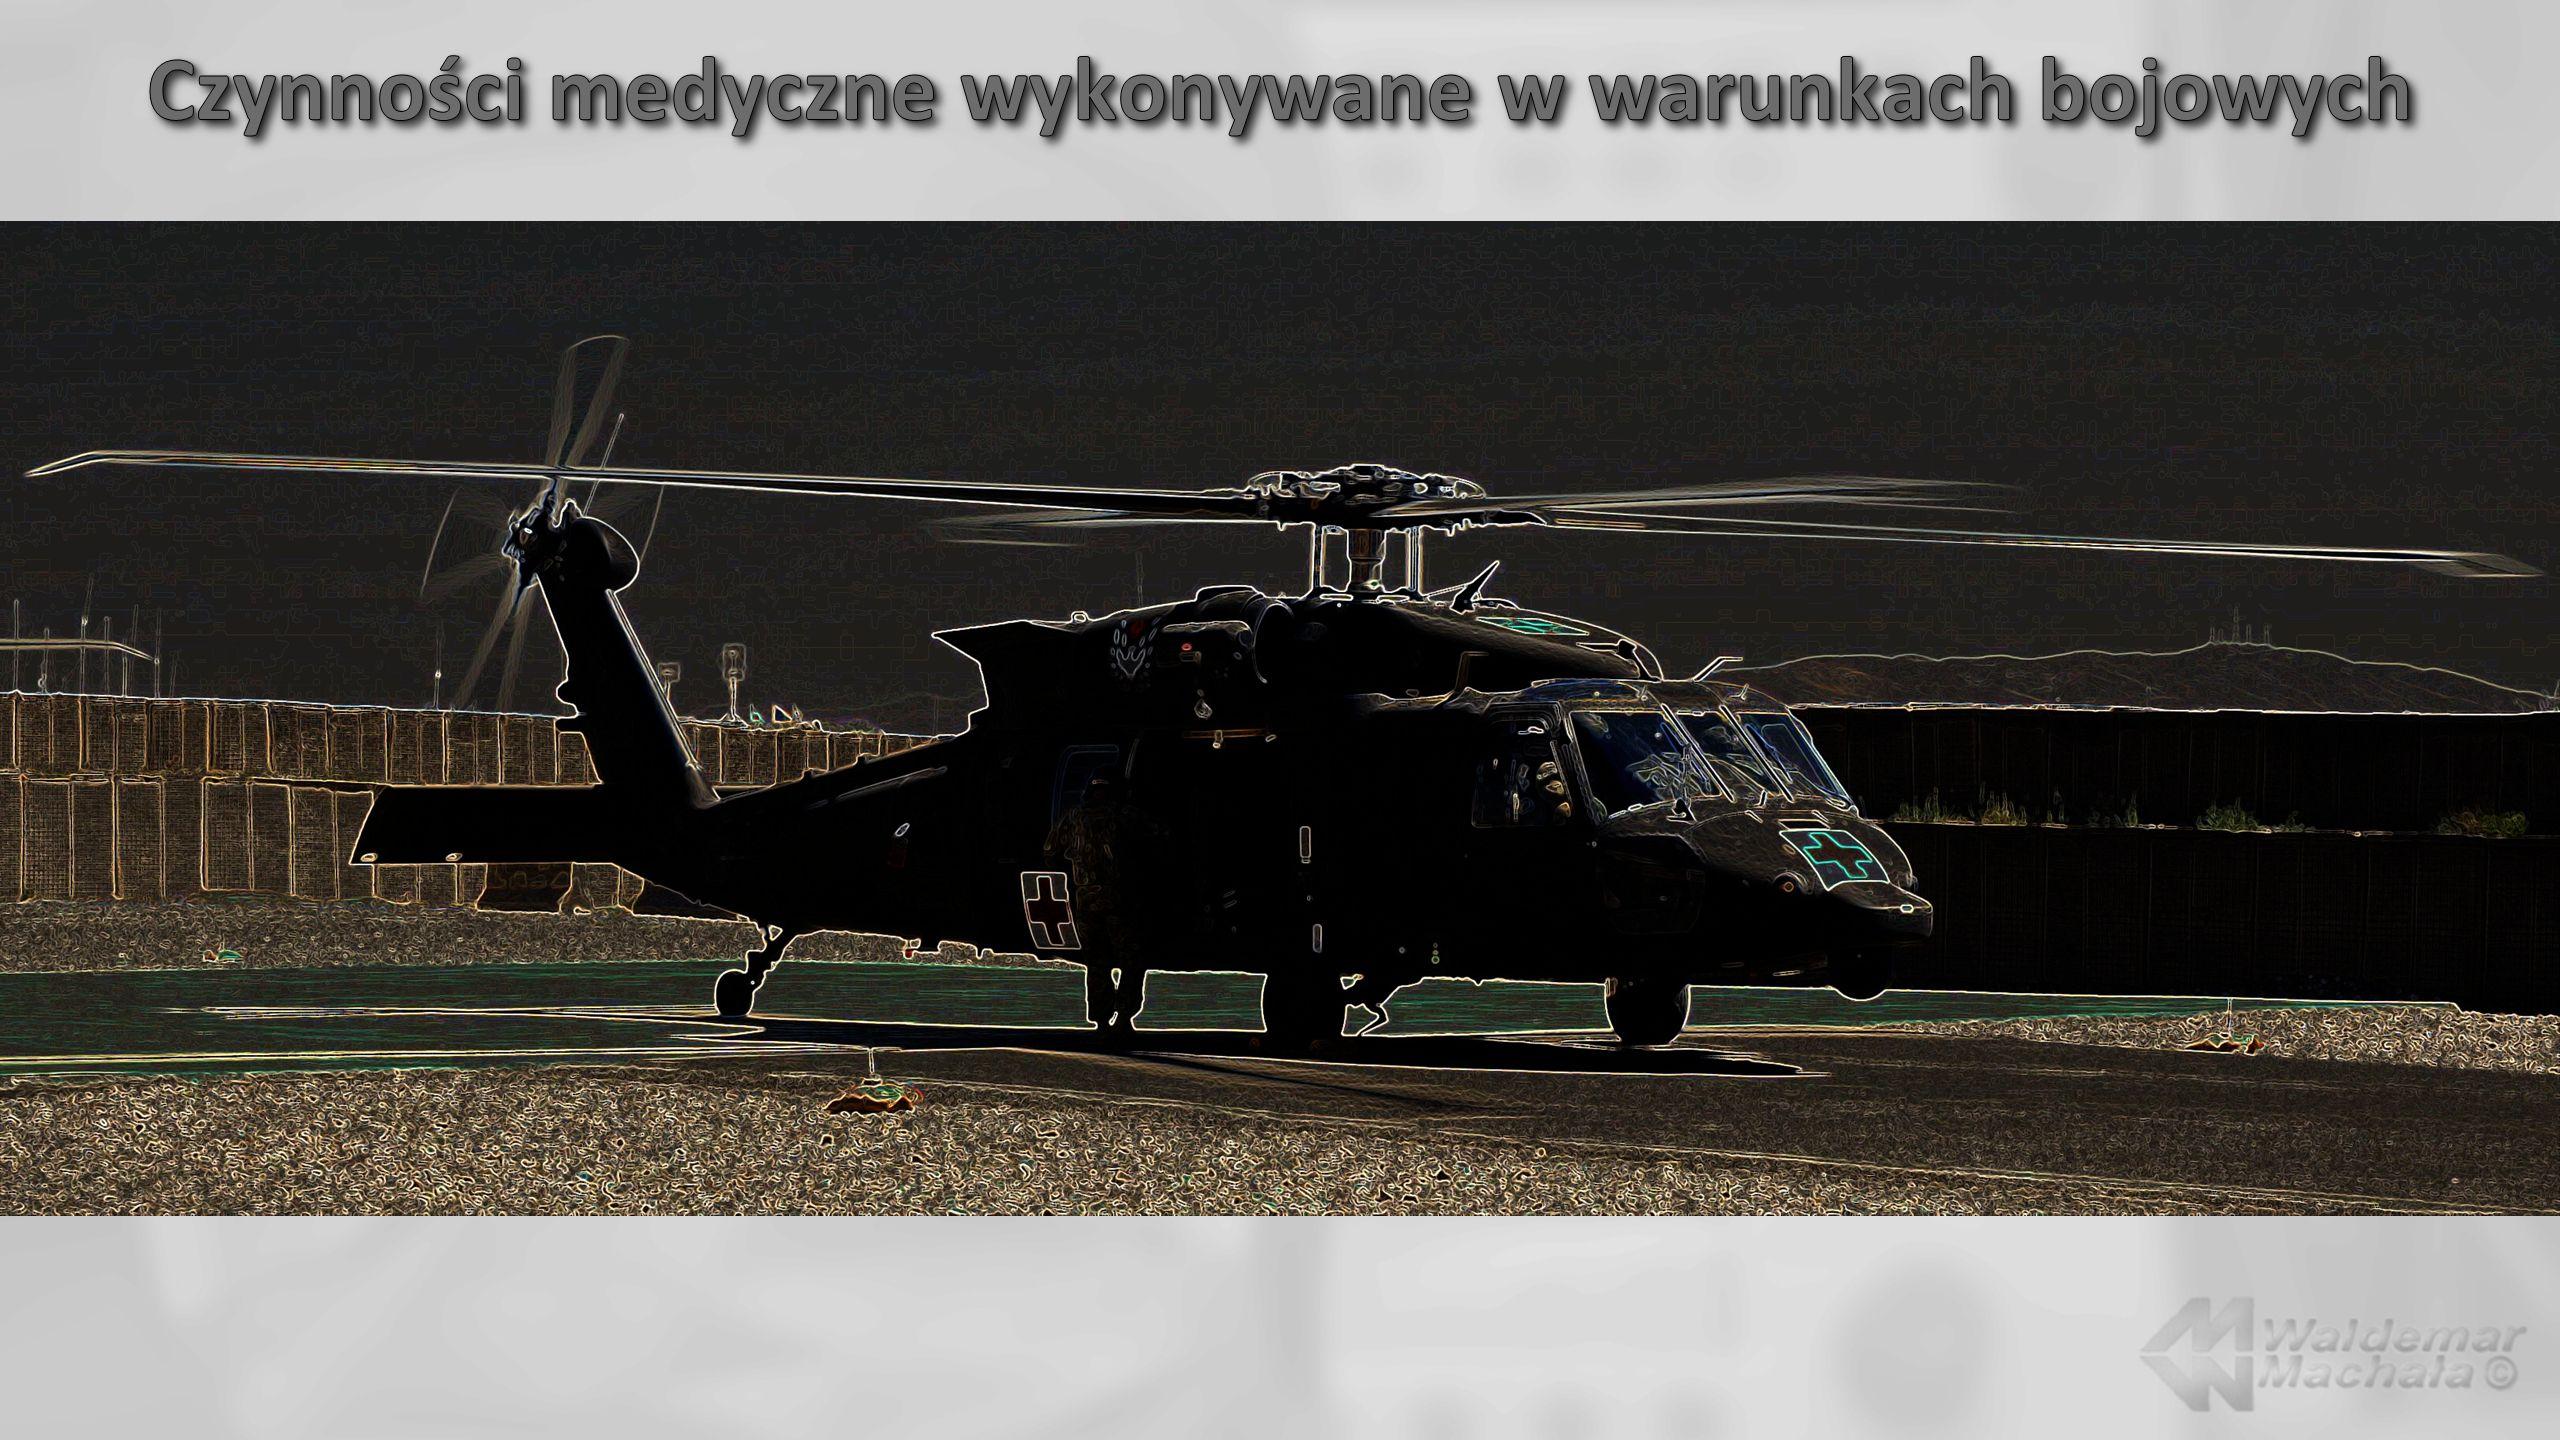 Czynności medyczne wykonywane w warunkach bojowych